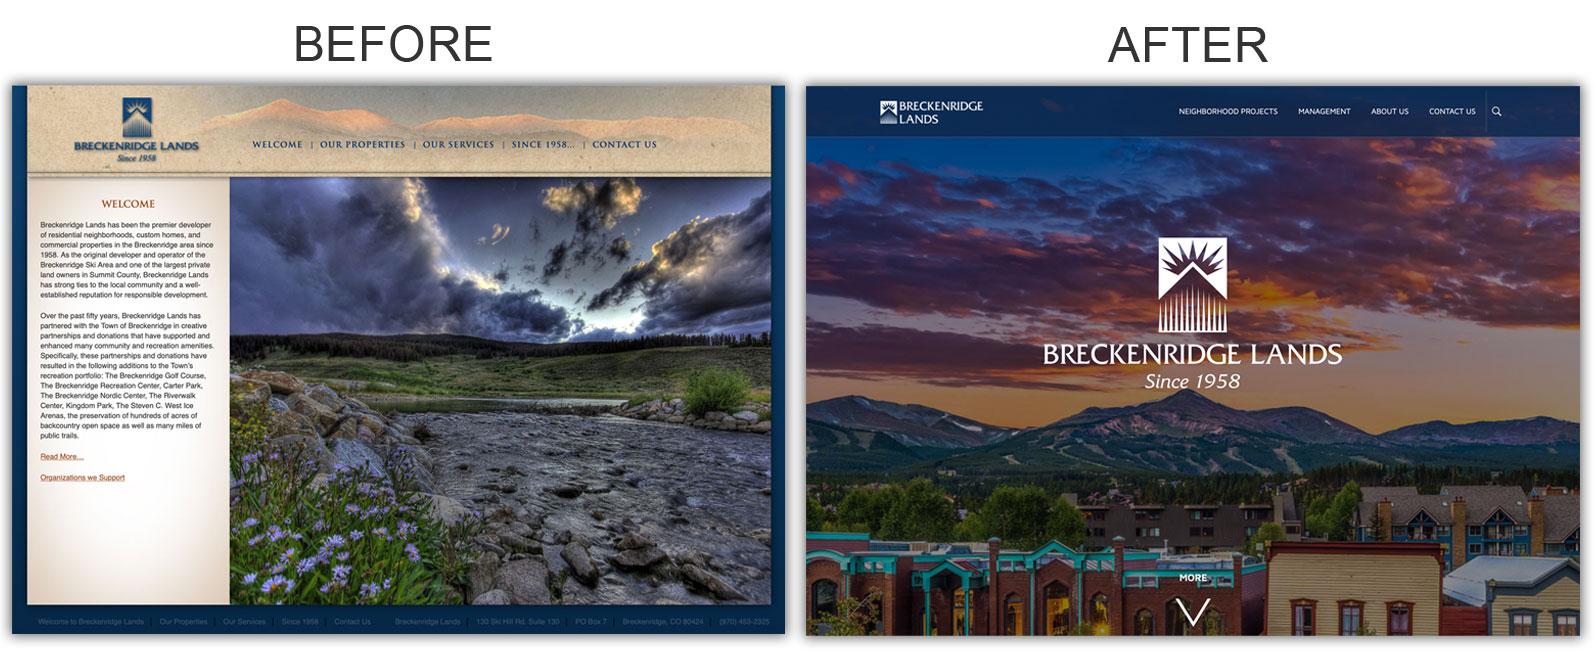 Bryt Idea Website redesign: Breckenridge Lands website before and after